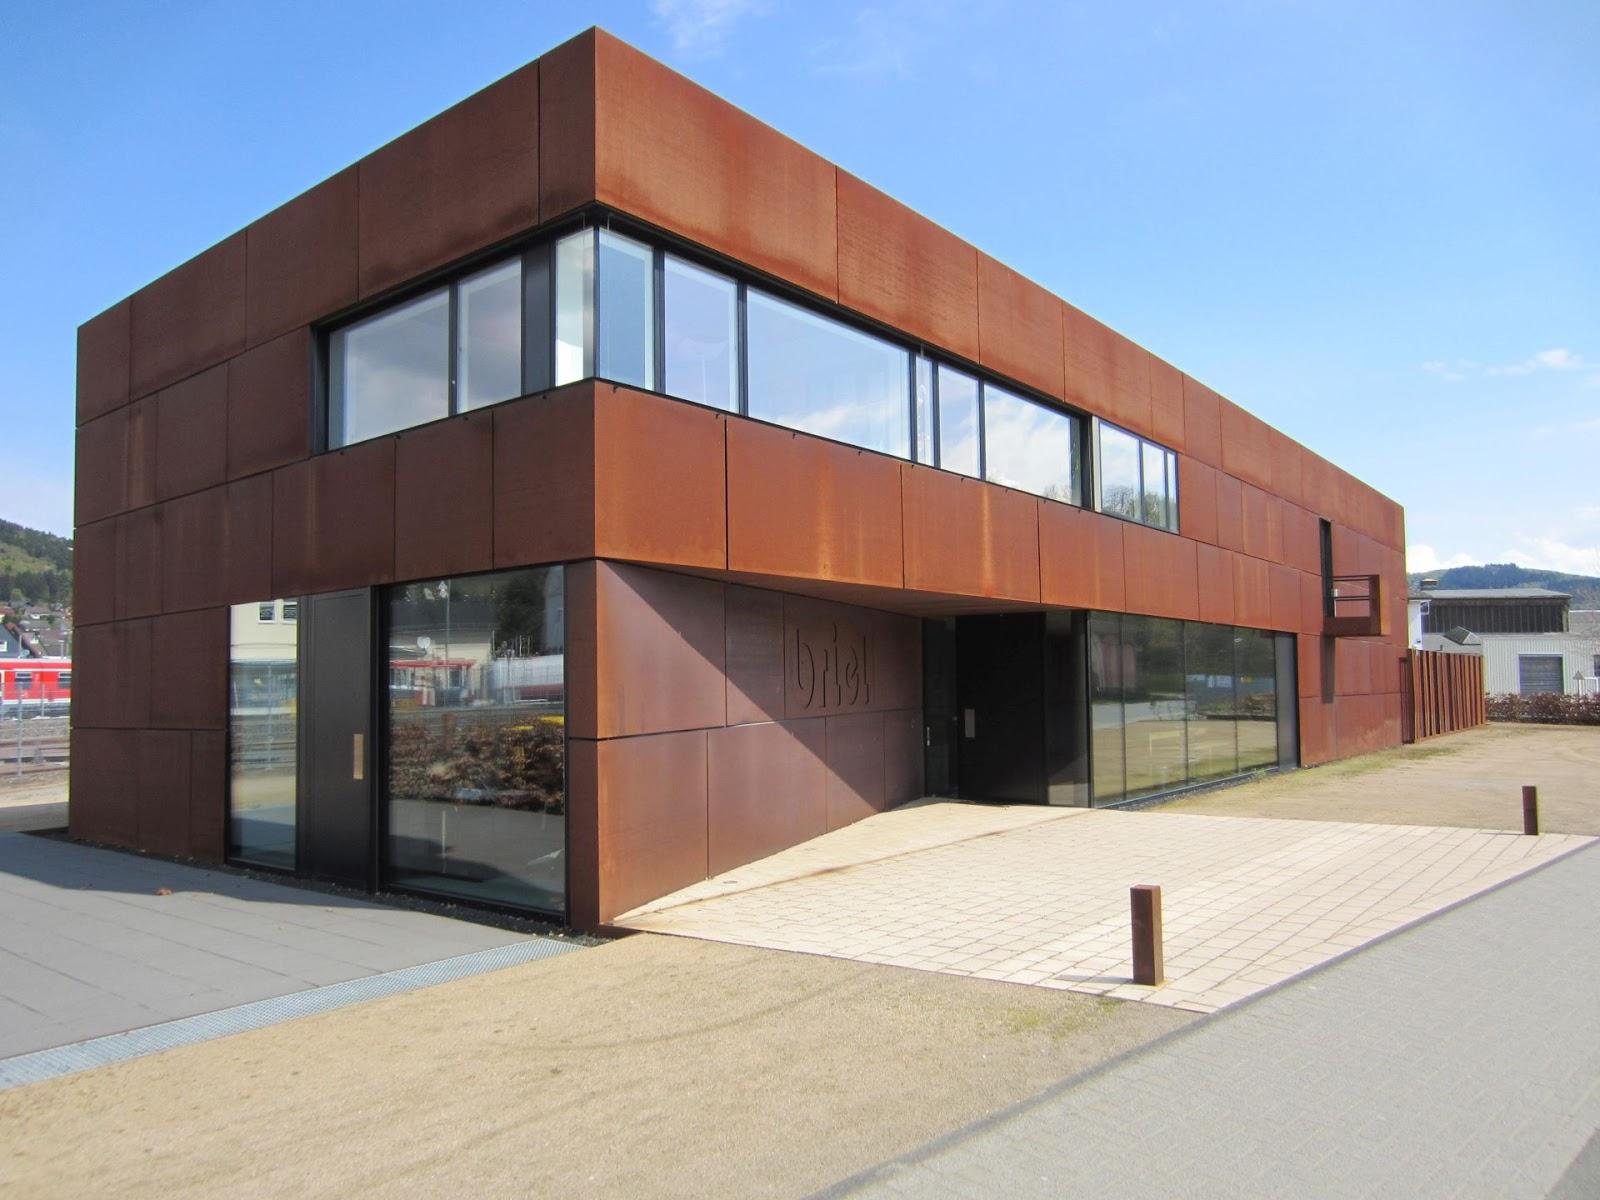 Geräumig Fassade Mit Blech Verkleiden Foto Von Cortenstahl Patinax Verkleidung